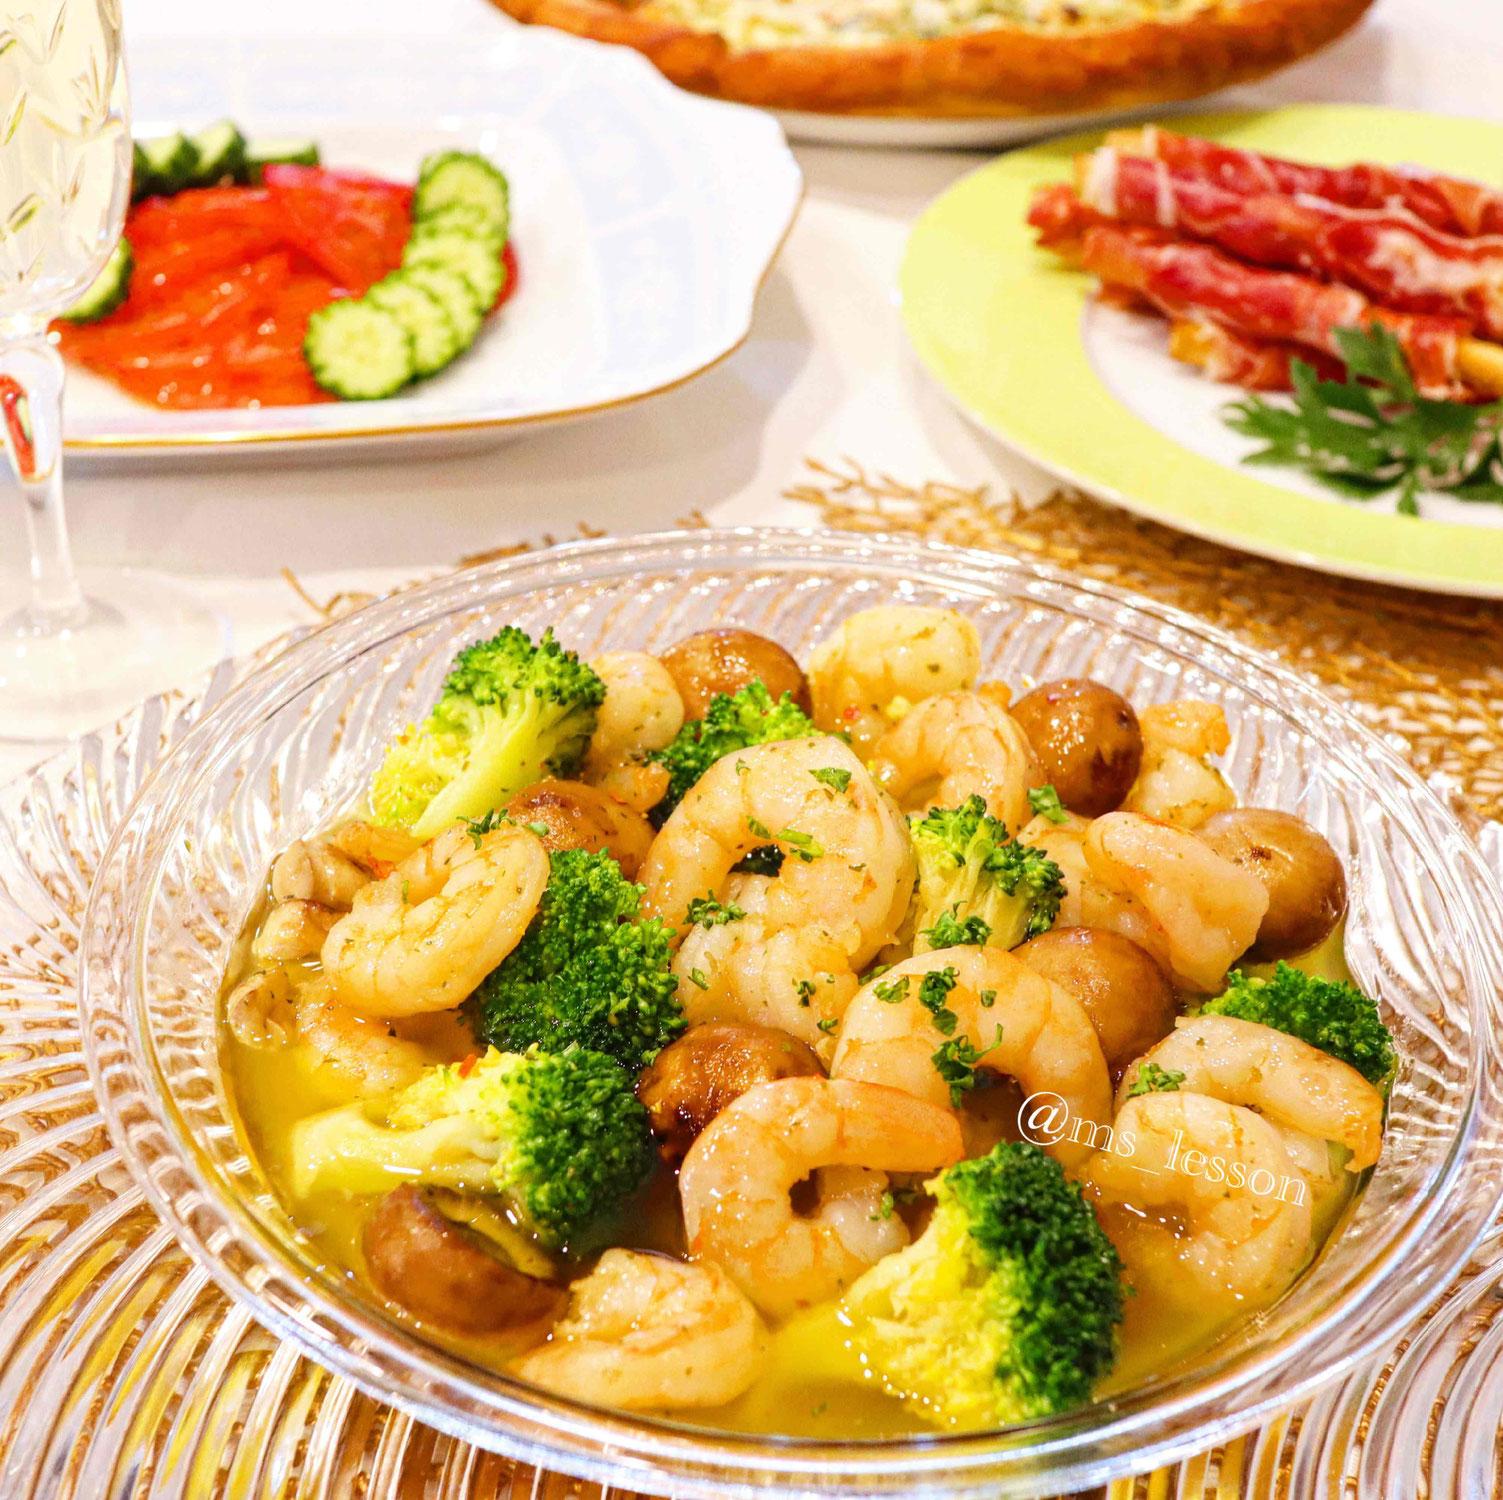 簡単レシピ  ホタルイカと菜の花のパスタ&生食できない理由